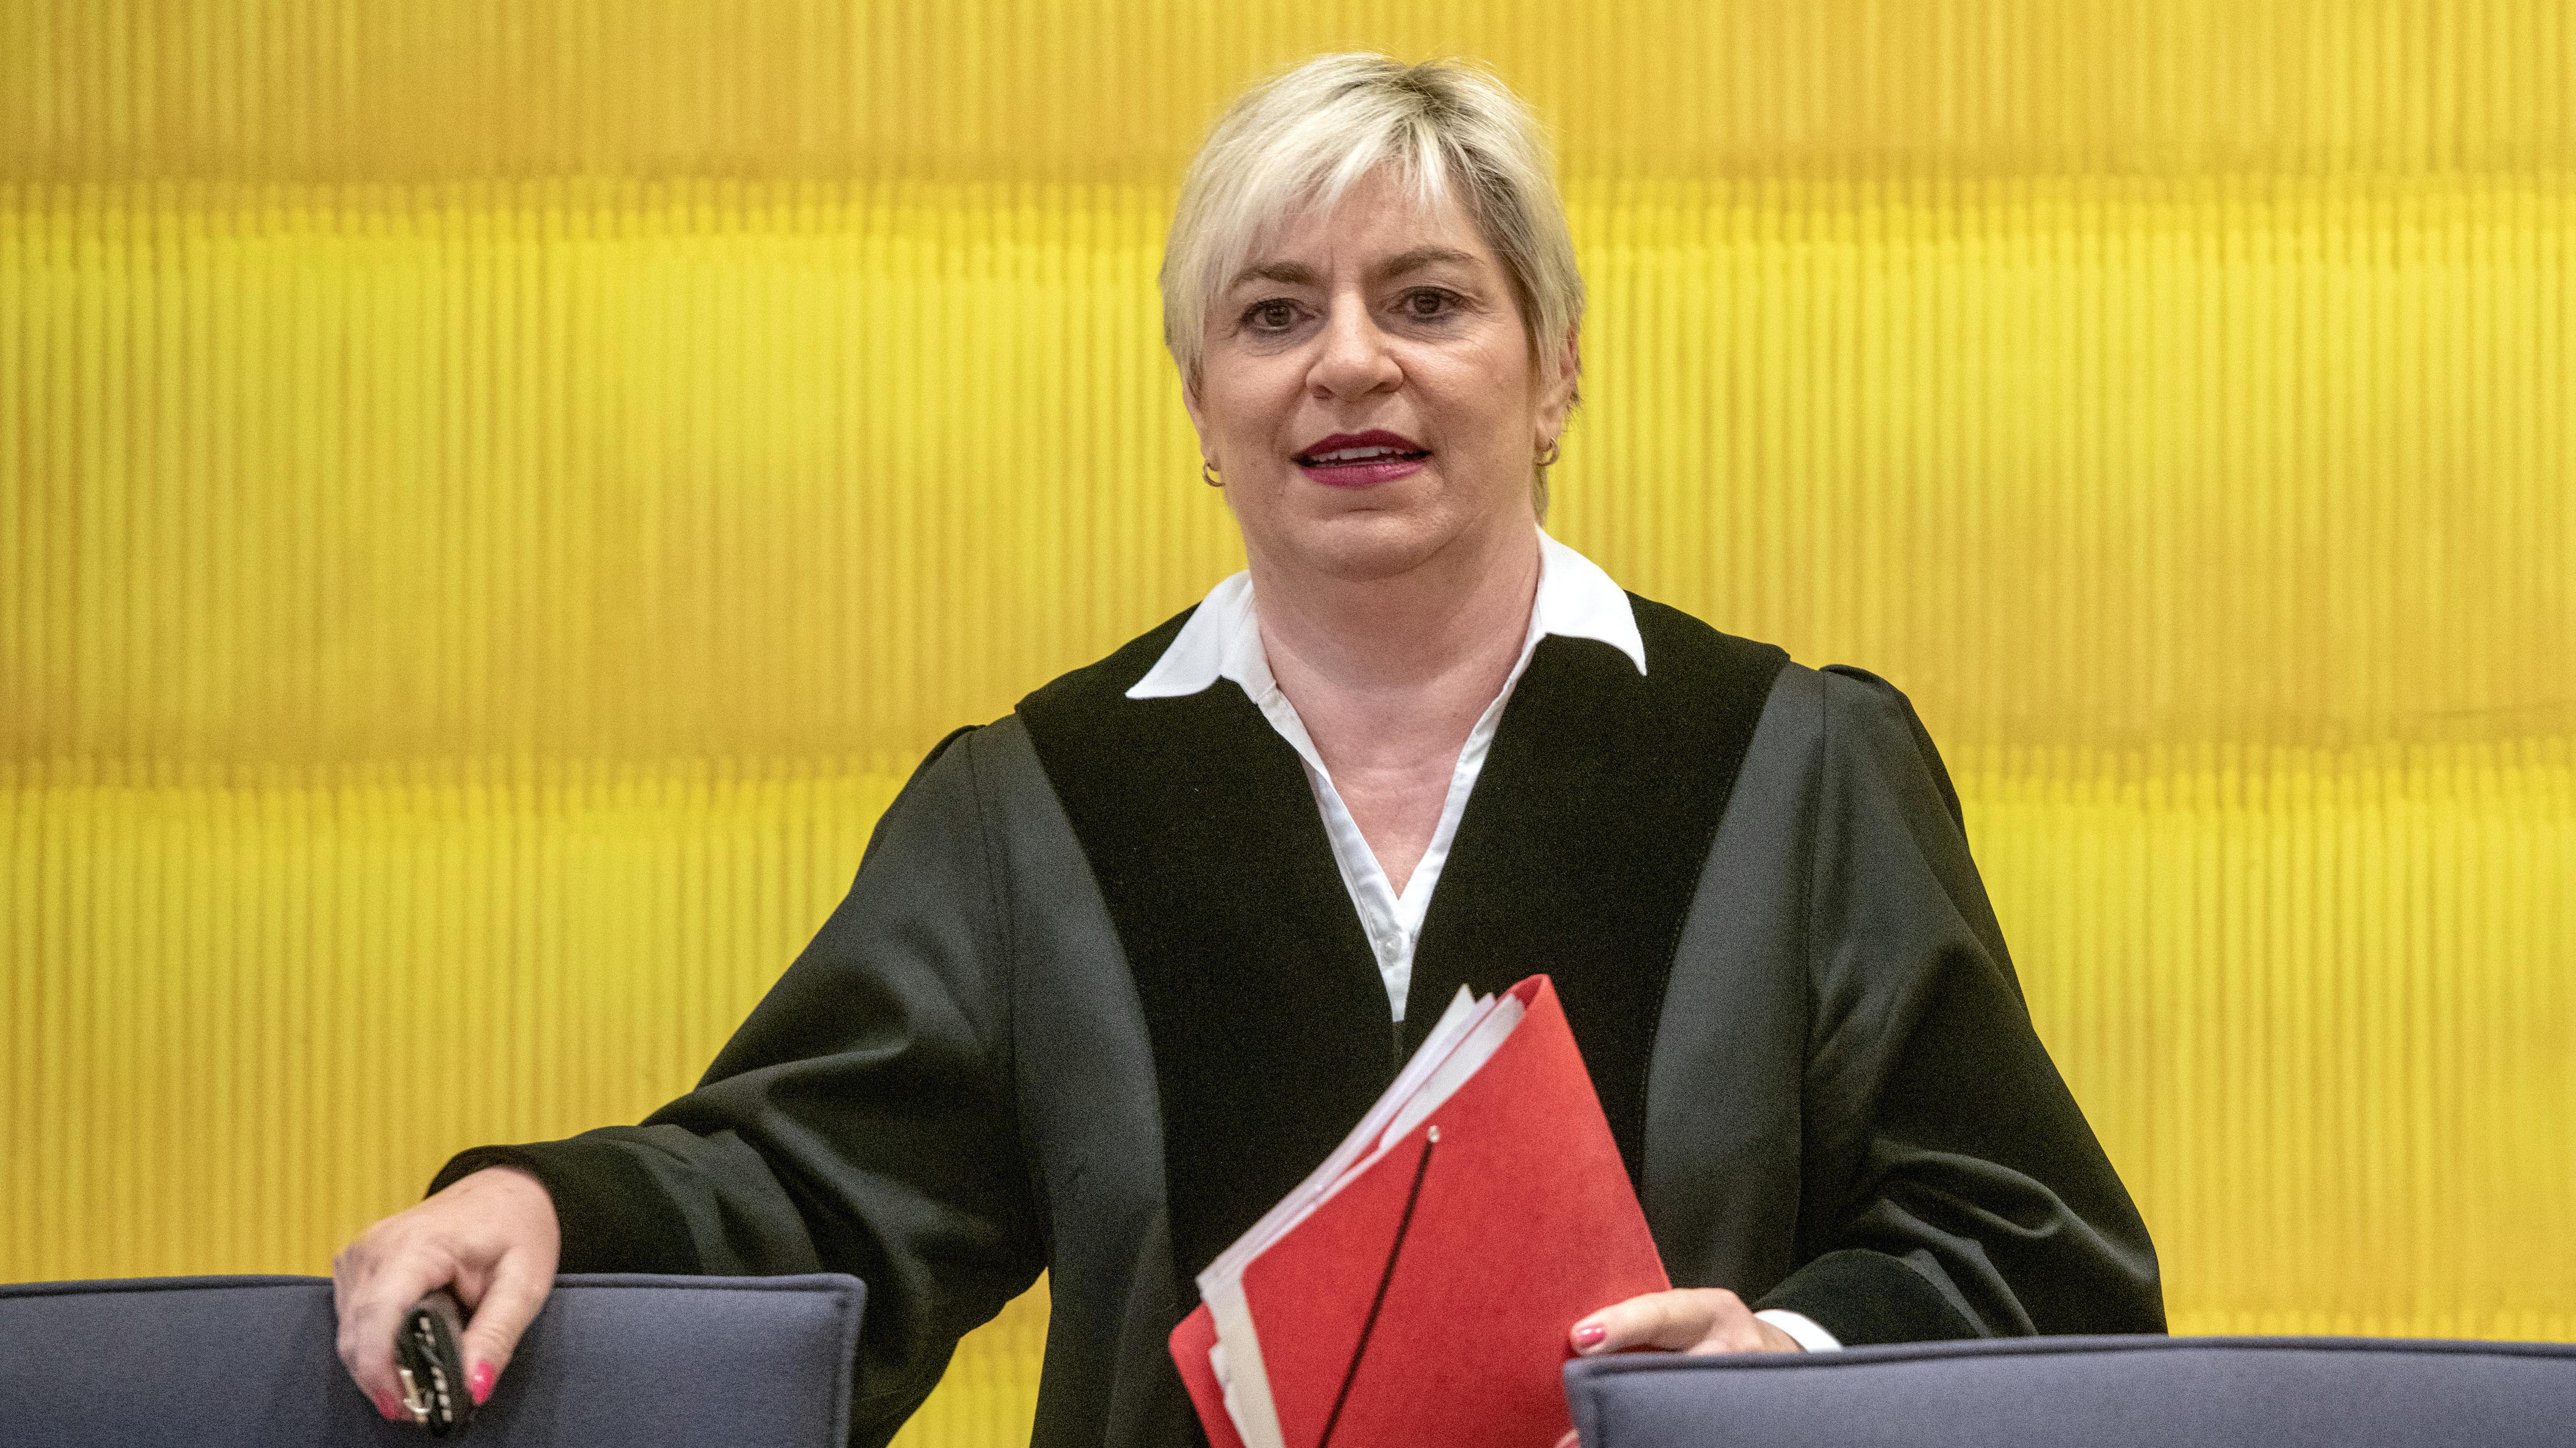 Die Vorsitzende Richterin Elke Escher steht im Verhandlungssaal des Landgerichts